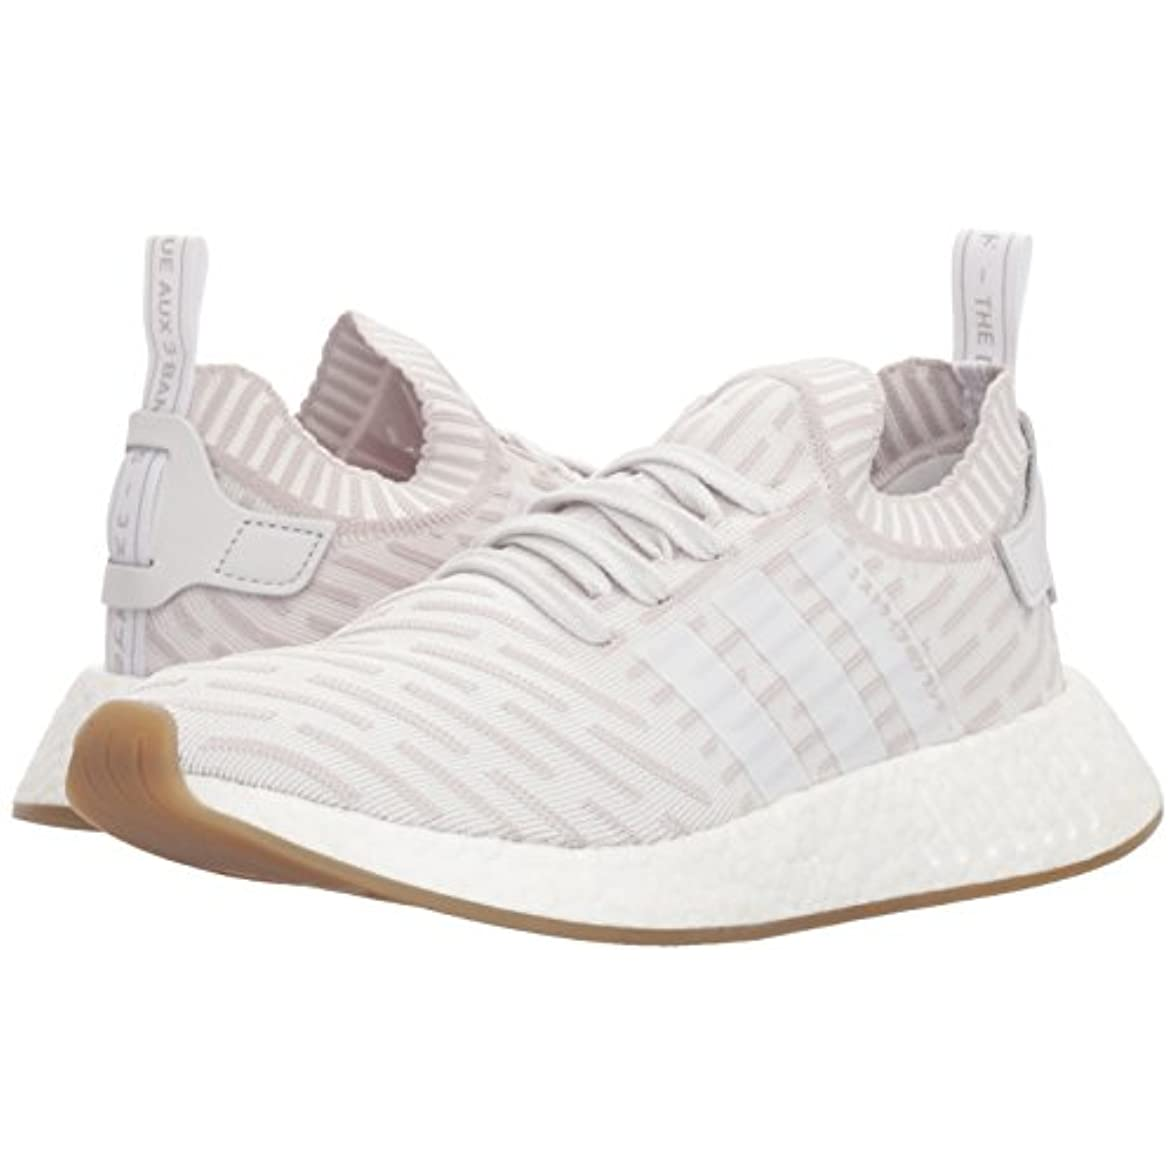 Adidas Originalsnmd r2 Pk W - Nmd r2 Da Donna Uomo Bianco white white shock Pink 42 5 Eu